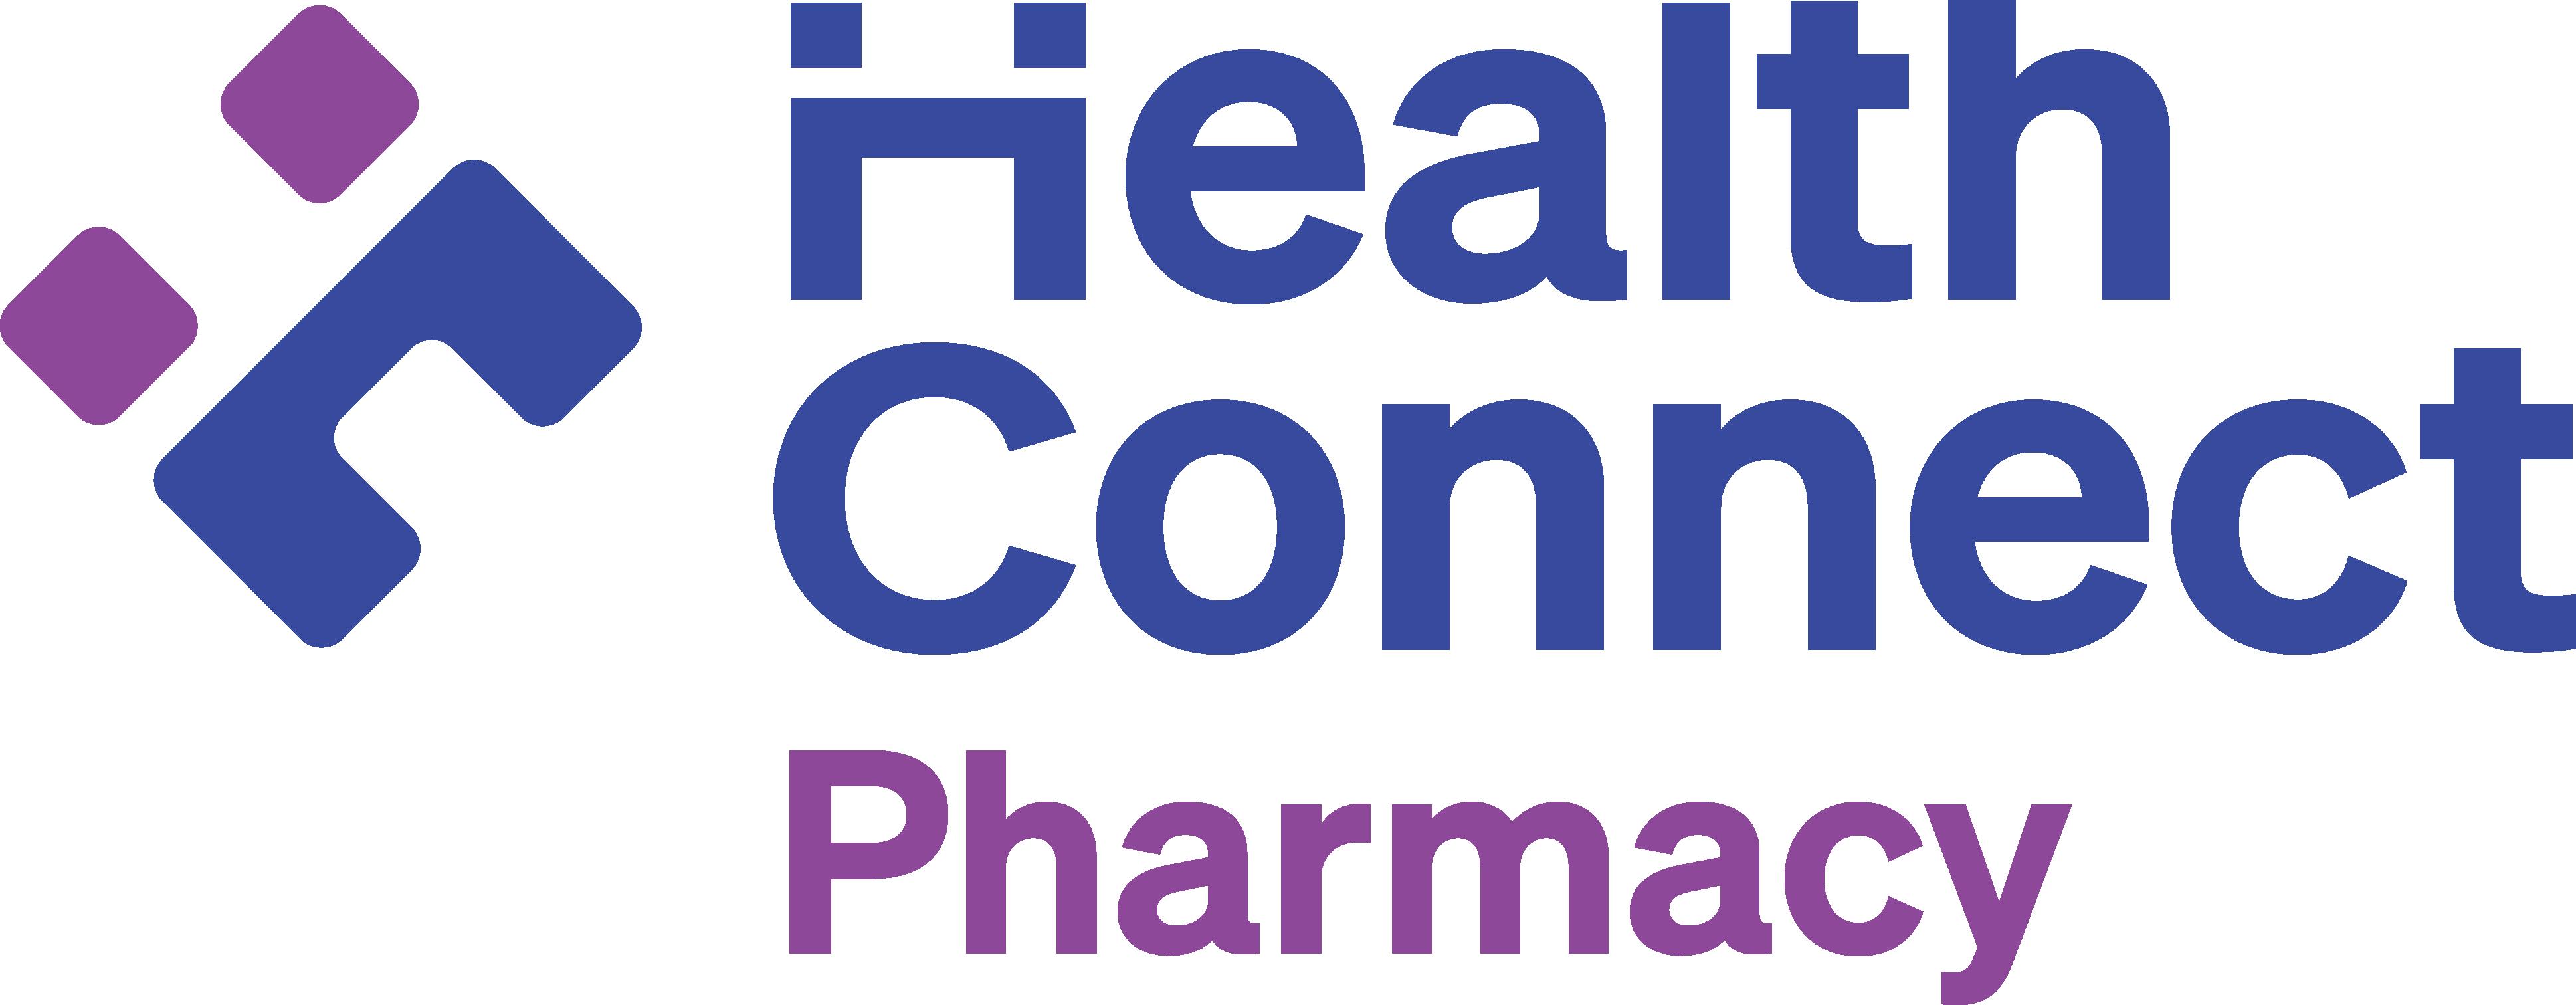 Final Logo for approval_HC pharnacy